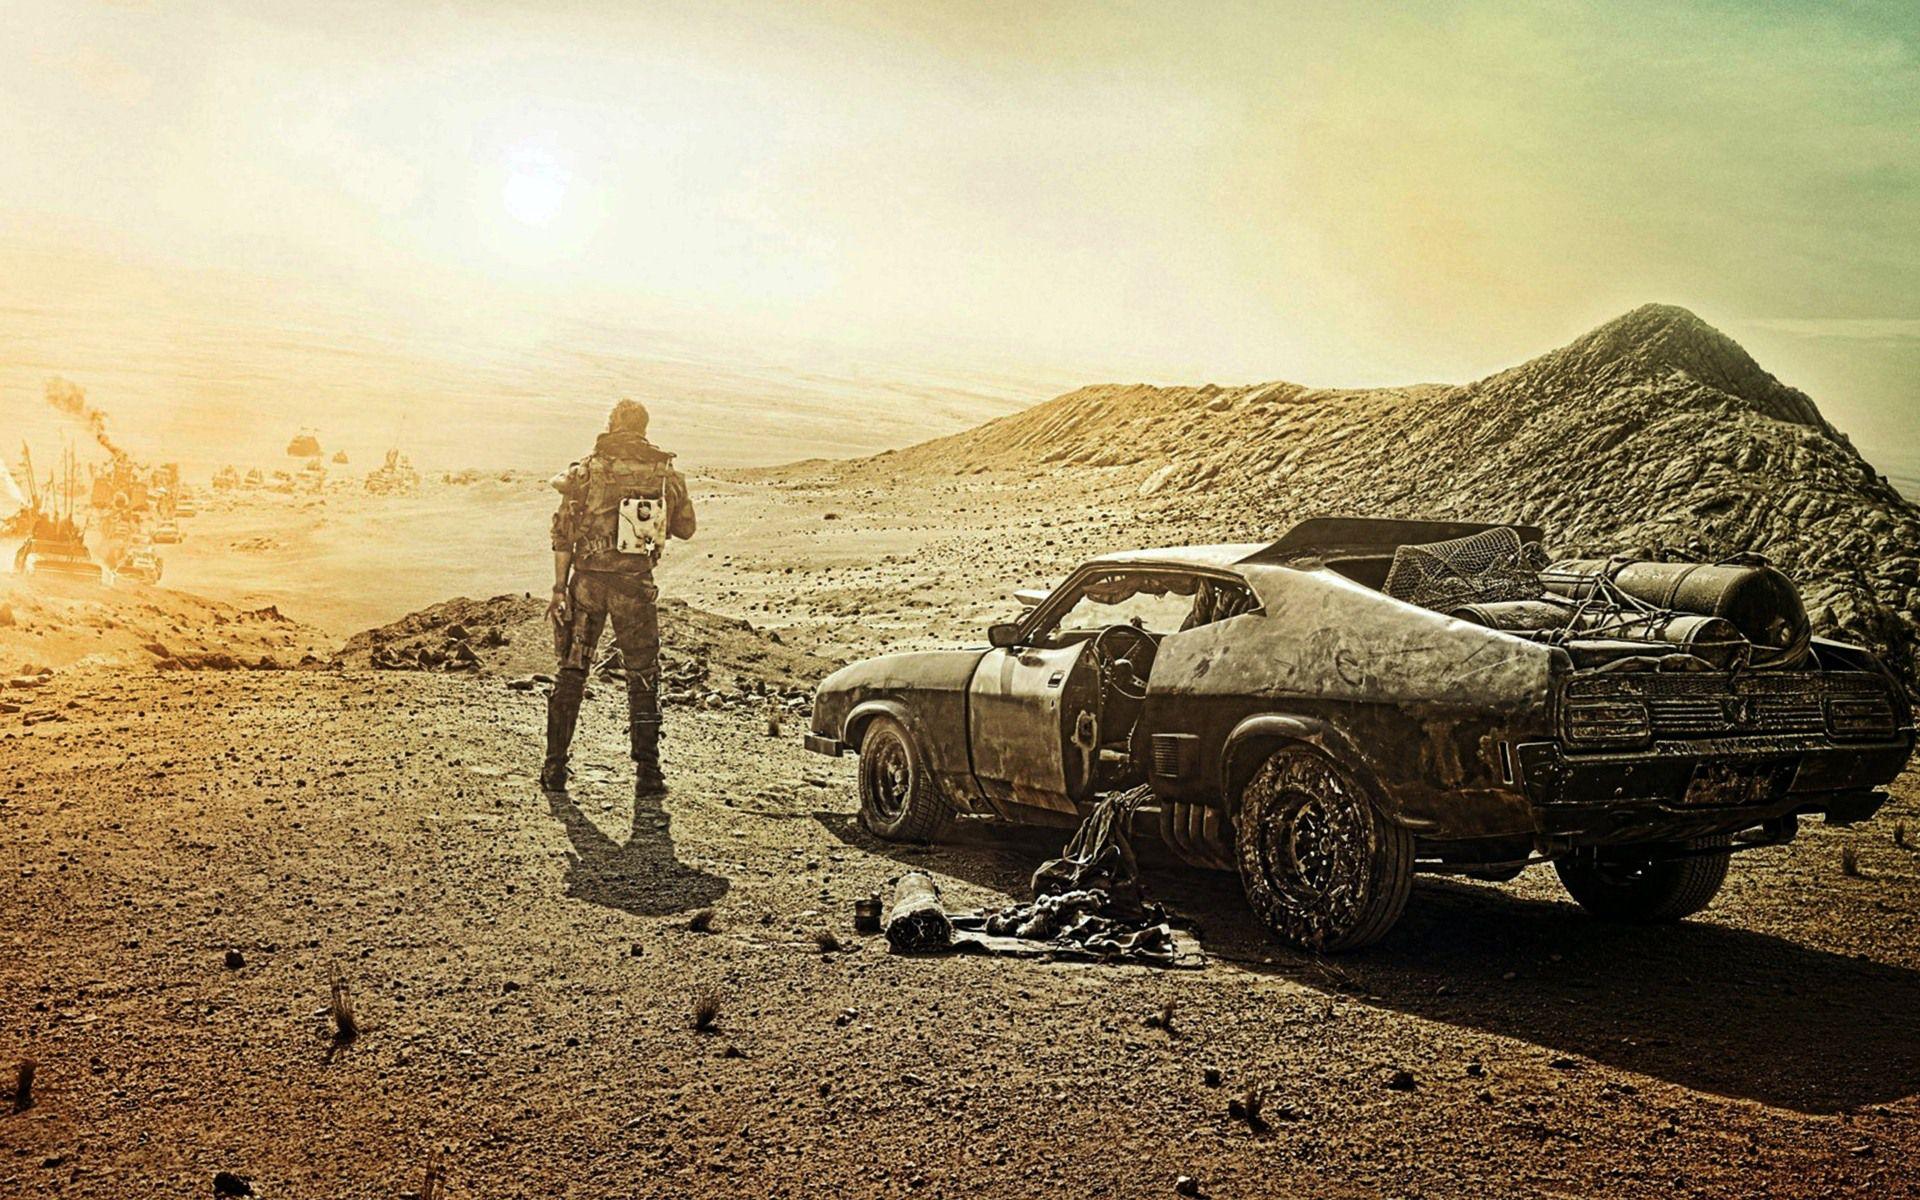 Mad Max Fury Road Hd Wallpapers Popopics Com